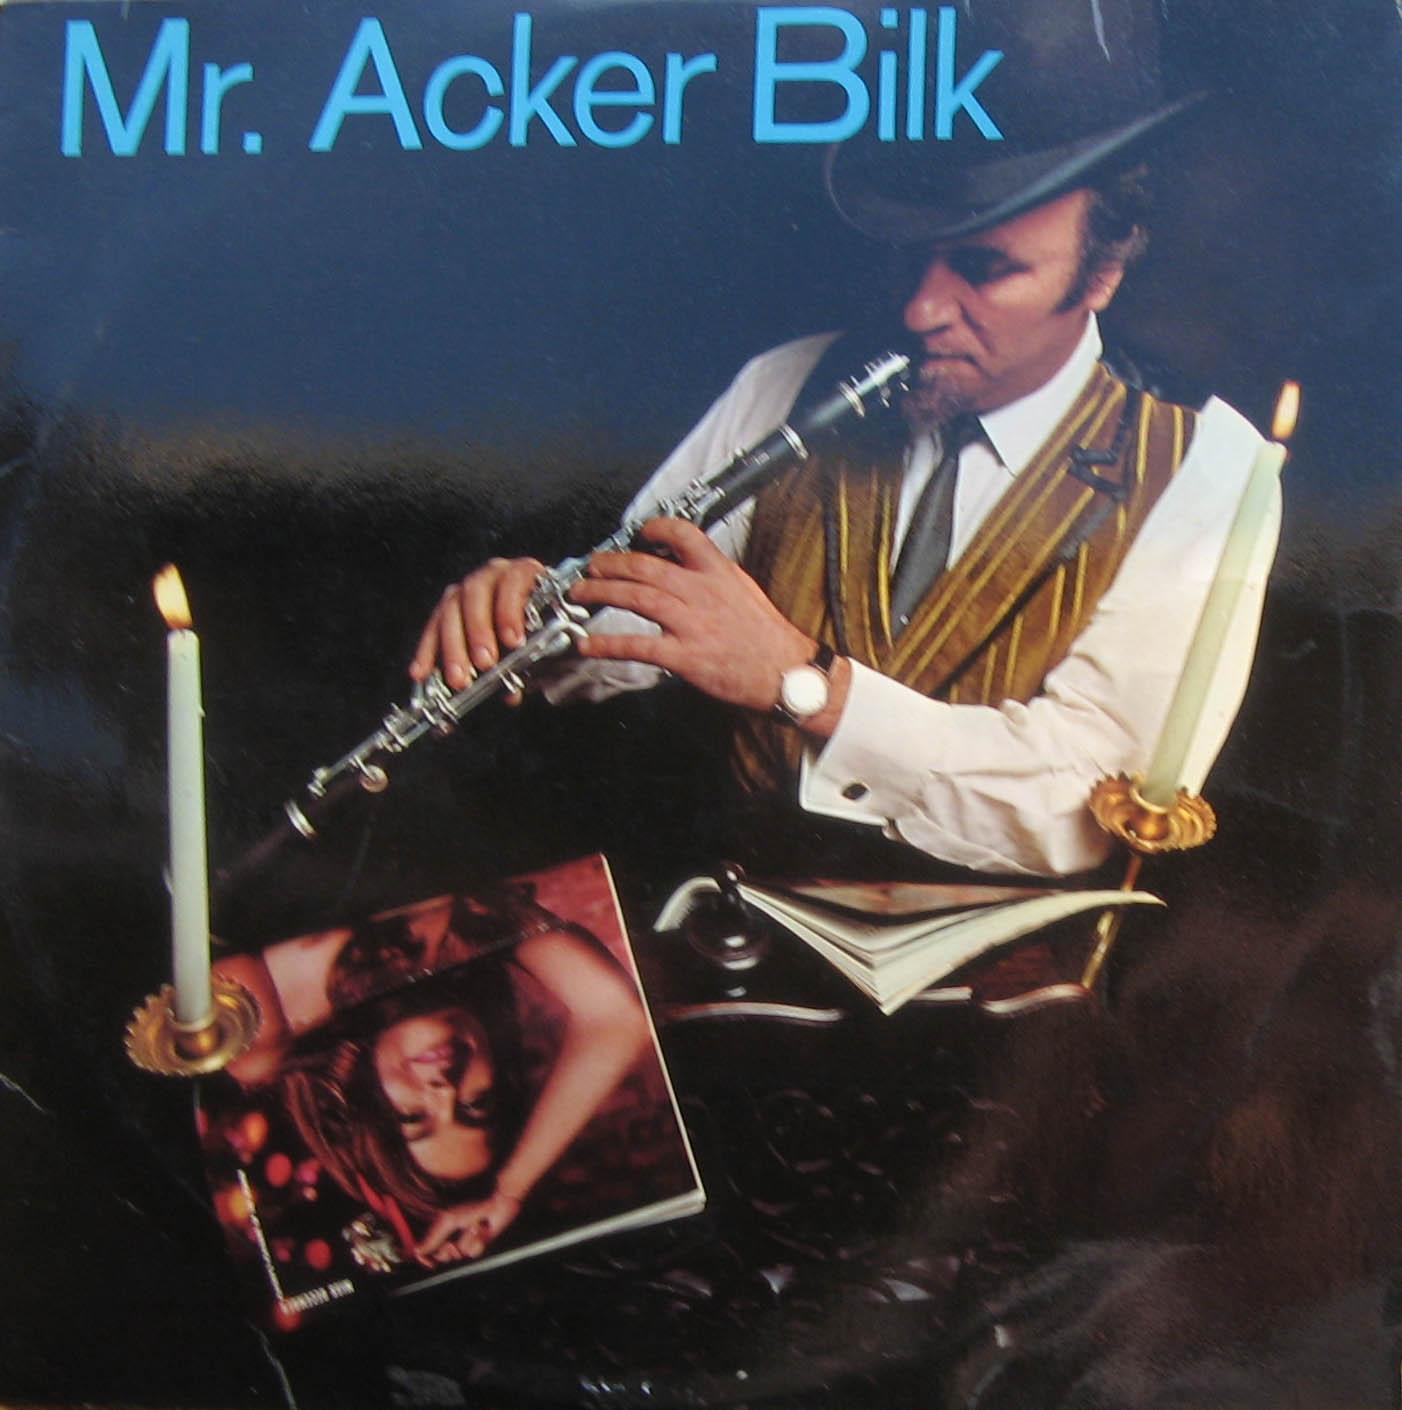 Acker Bilk - With Love From Mr. Acker Bilk Above The Stars